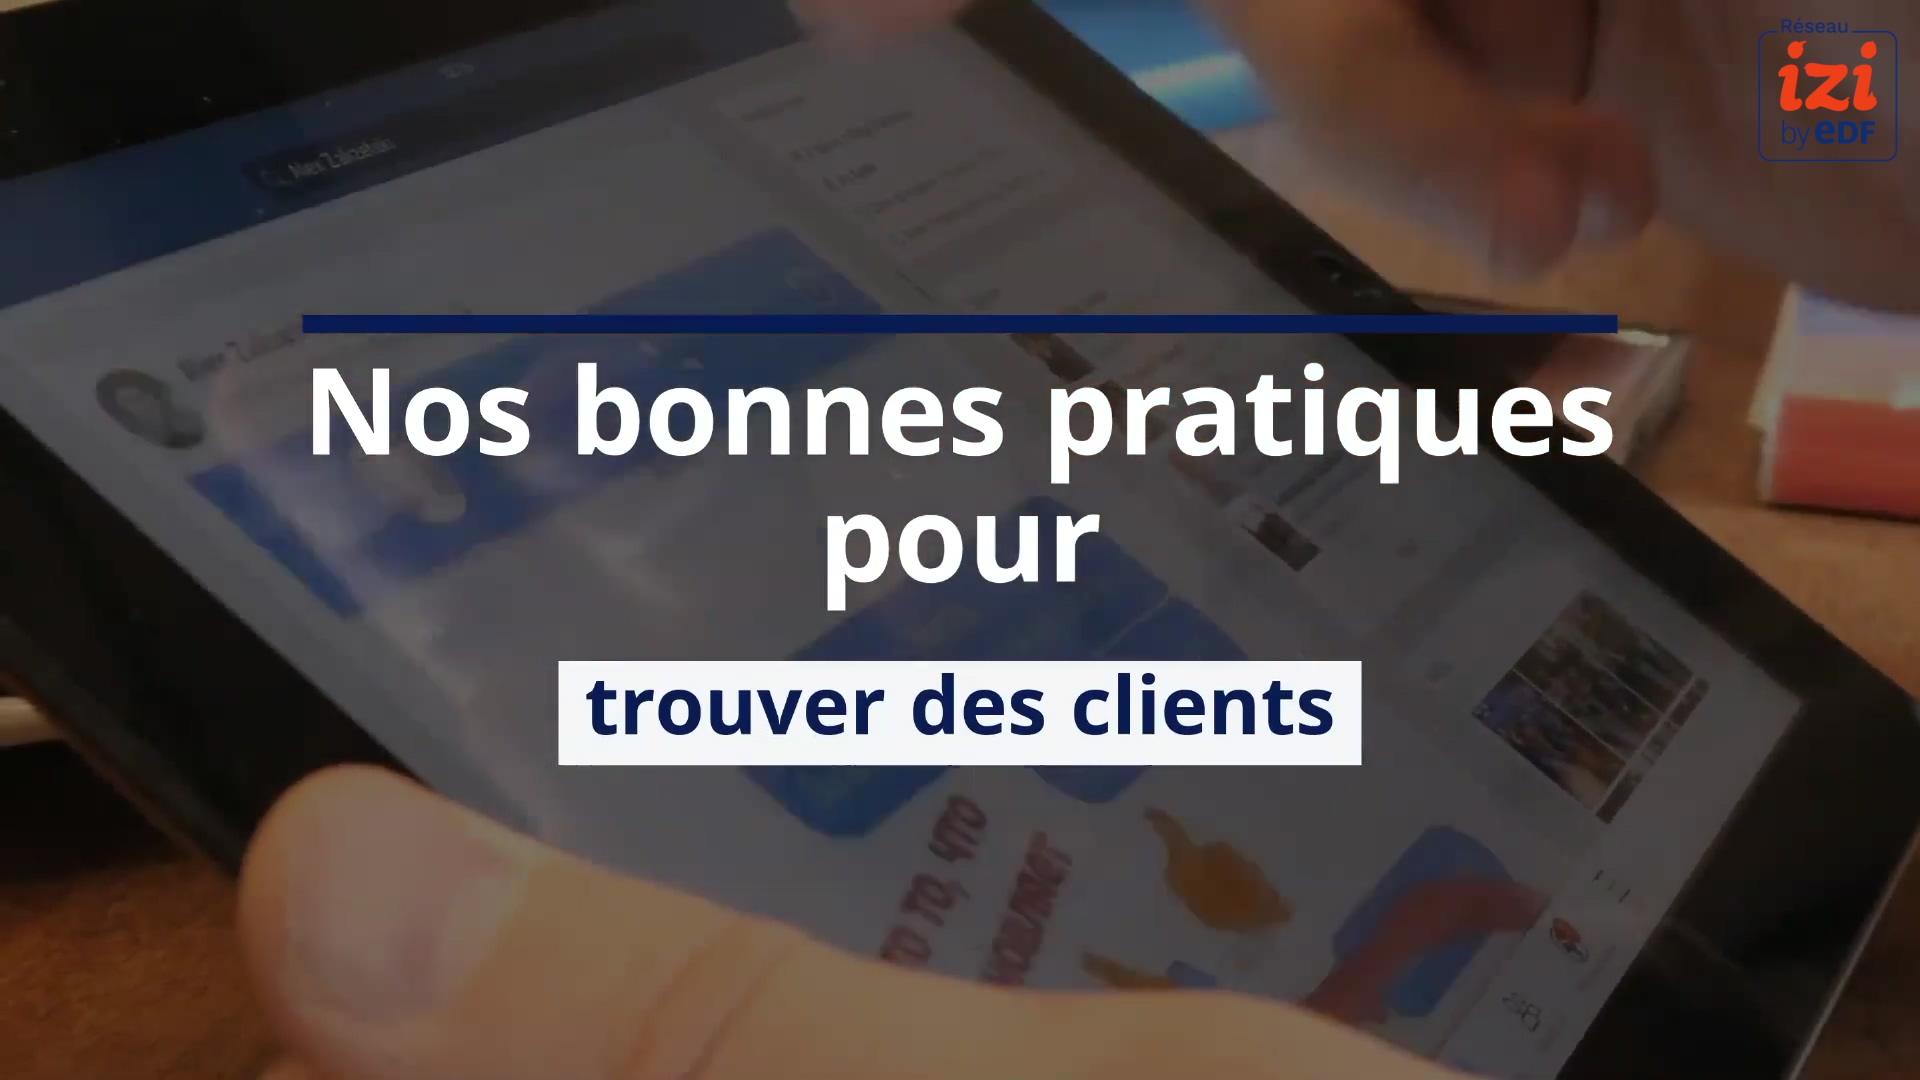 Réseau IZI by EDF - trouver-des-clients-bonnes-pratiques-Video5